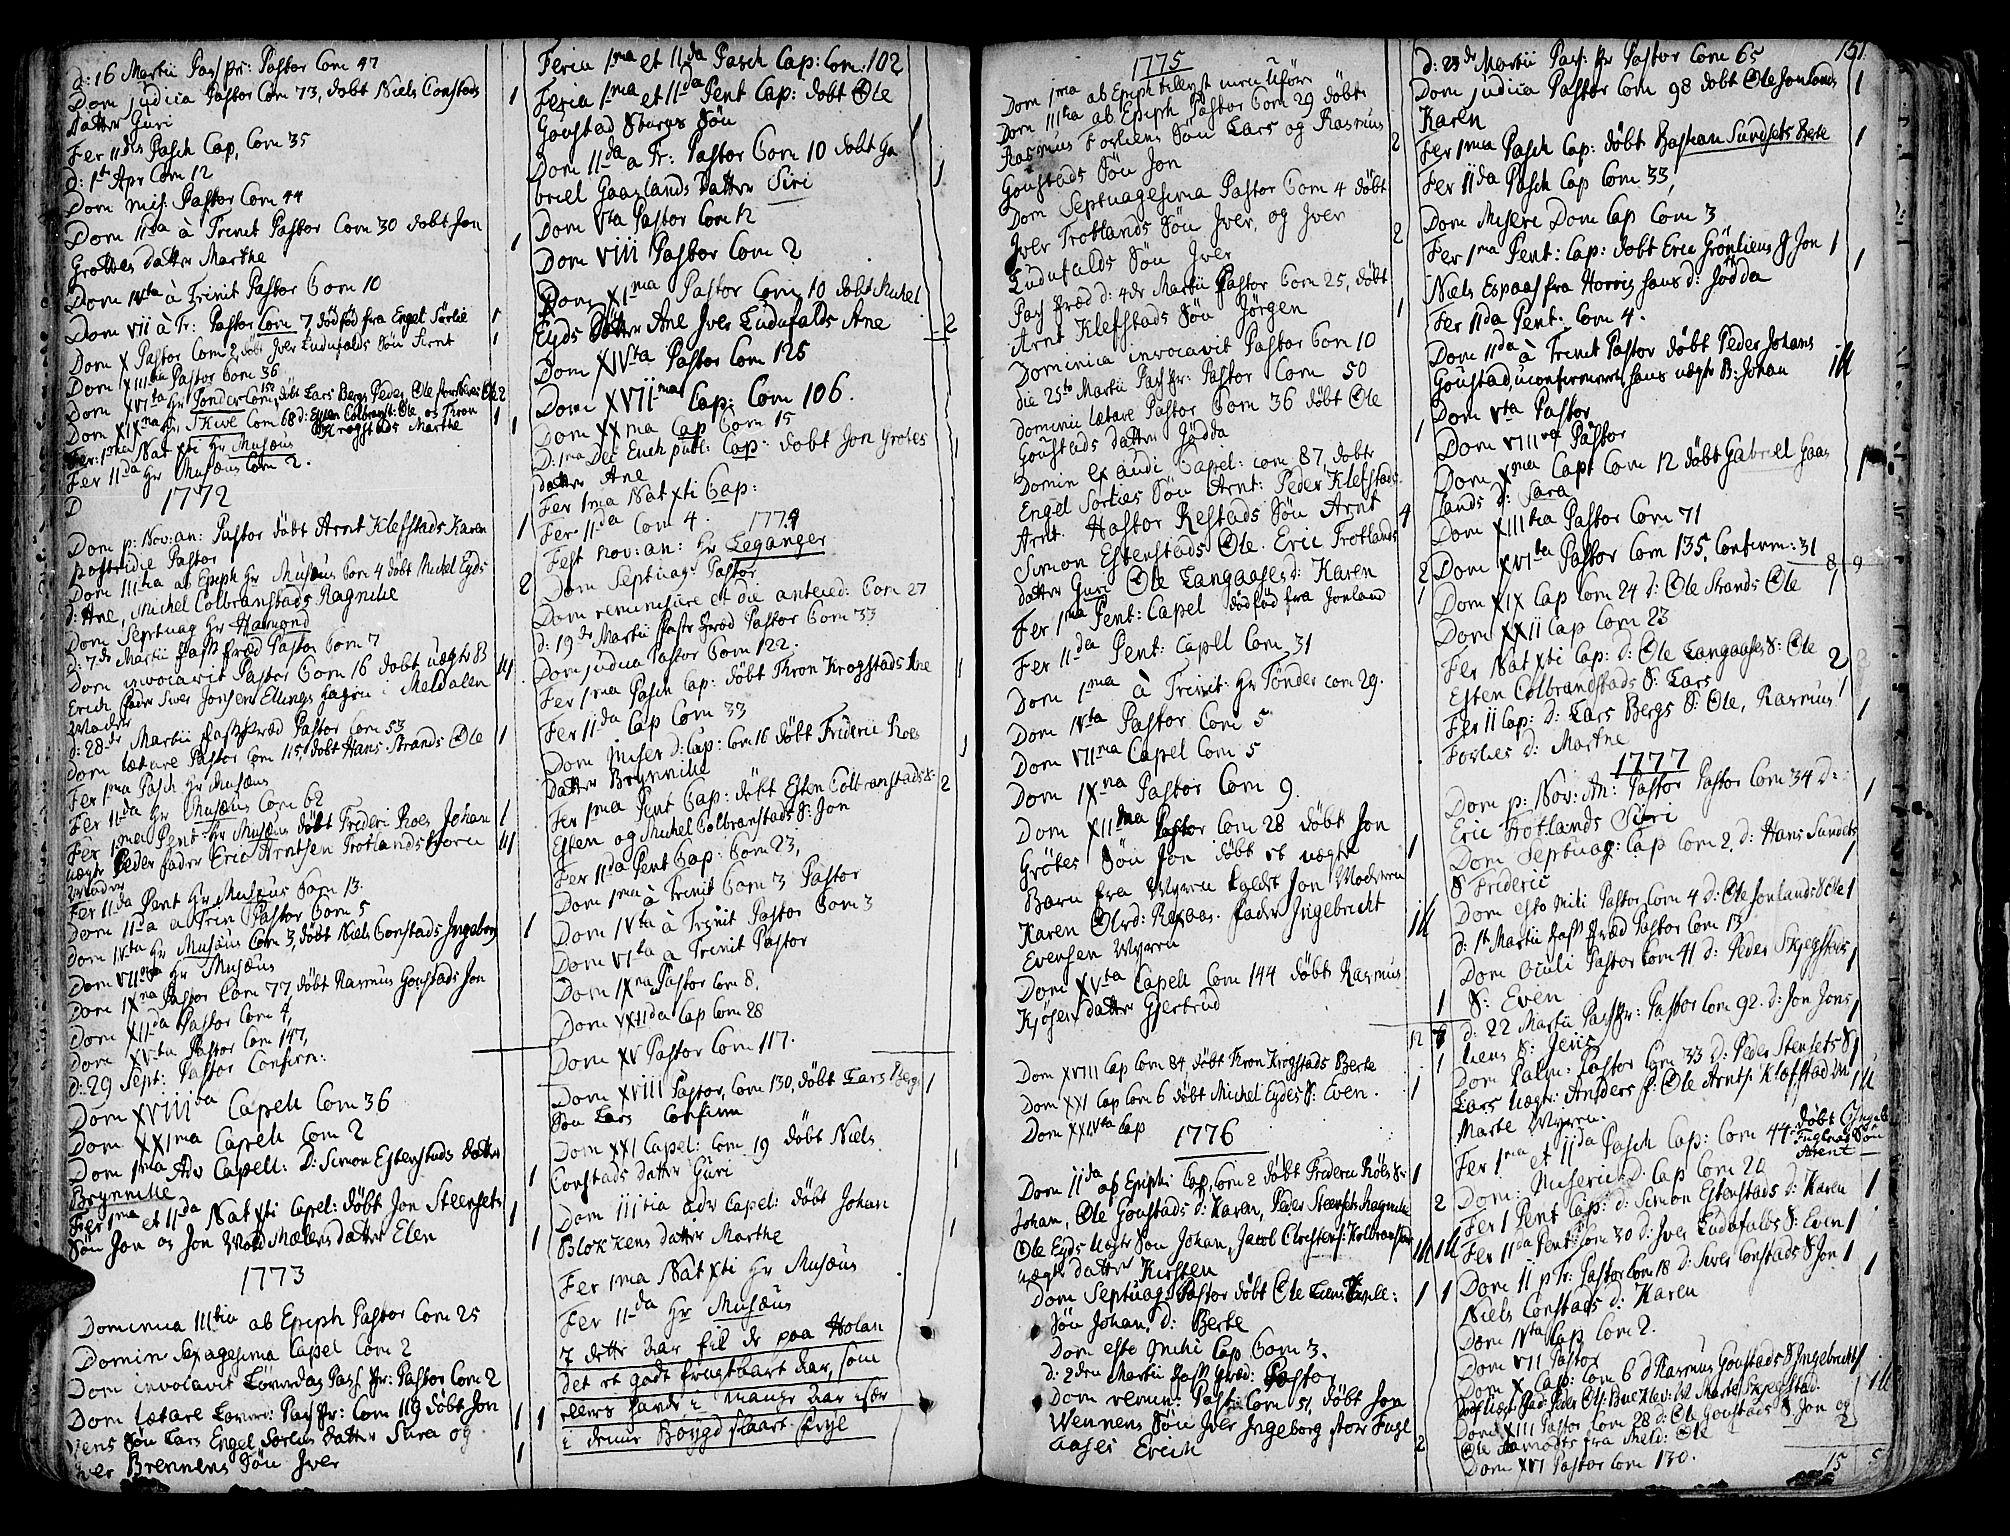 SAT, Ministerialprotokoller, klokkerbøker og fødselsregistre - Sør-Trøndelag, 691/L1064: Ministerialbok nr. 691A02 /4, 1768-1815, s. 151